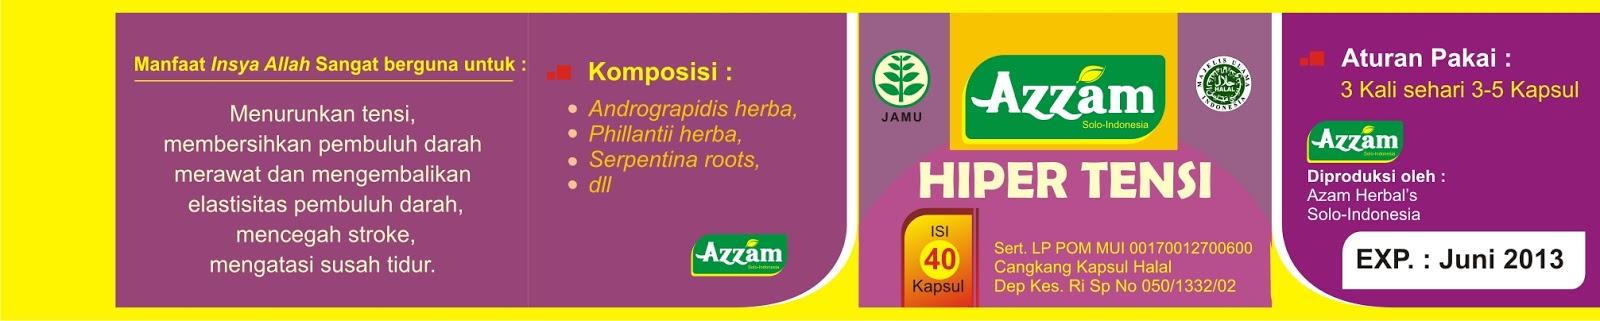 hipertensi http://azzamherba.blogspot.com/2011/11/brosur-catalog-azam-herba.html